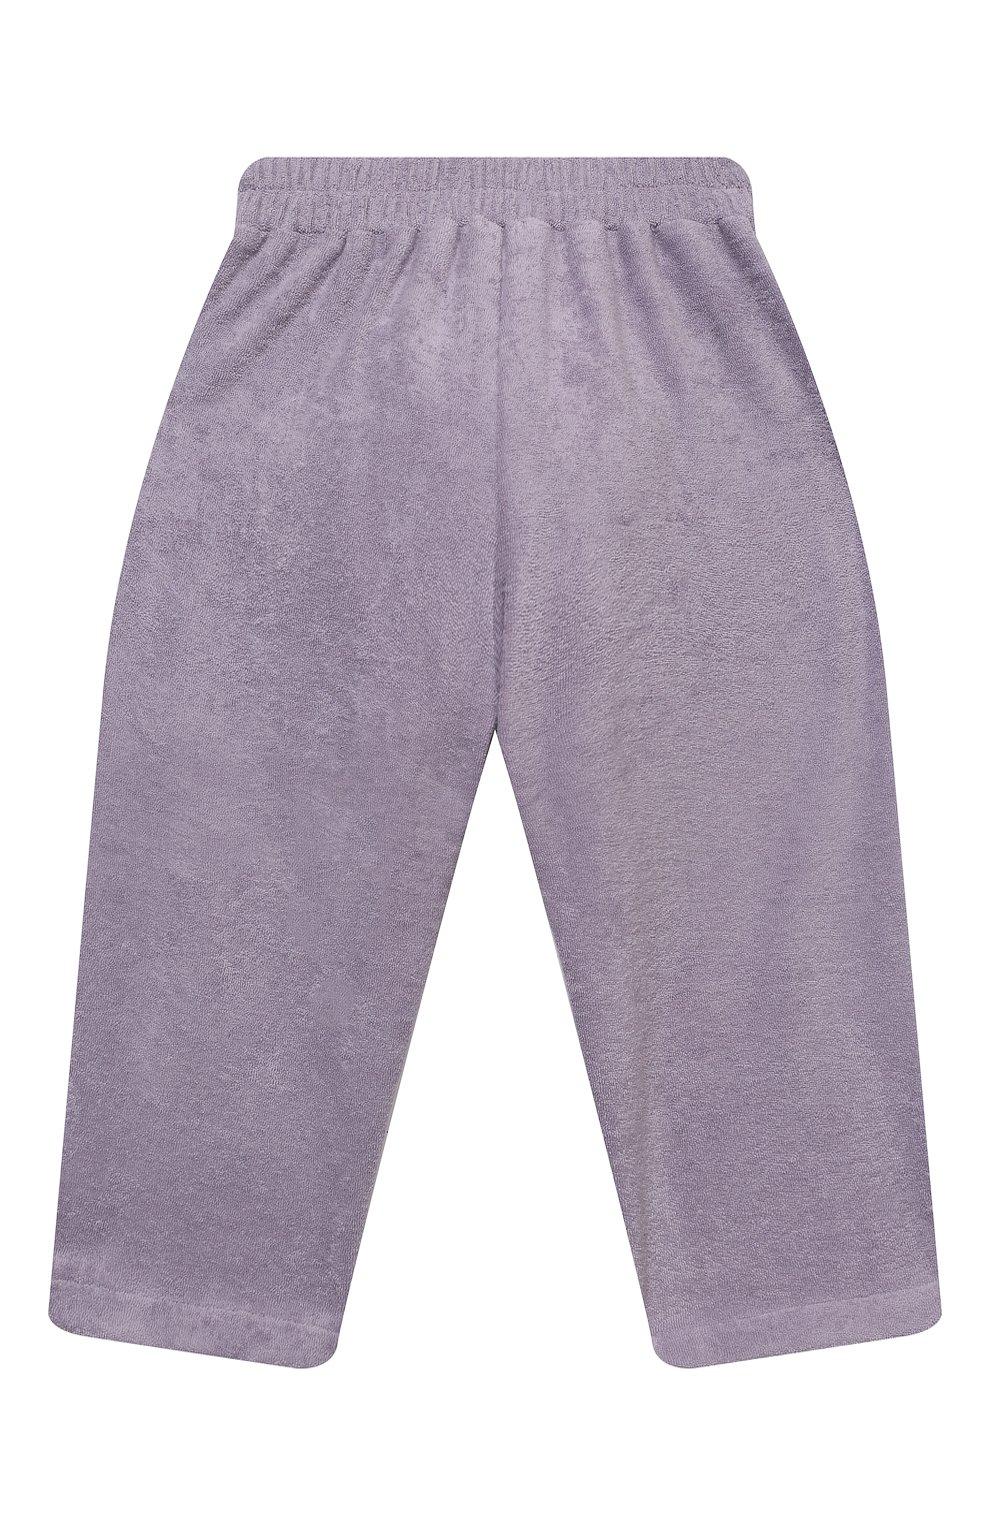 Детские хлопковые брюки PAADE MODE сиреневого цвета, арт. 21218543/4Y-8Y   Фото 2 (Девочки Кросс-КТ: Брюки-одежда; Материал внешний: Хлопок; Ростовка одежда: 4 года   104 см, 6 лет   116 см, 8 лет   128 см)